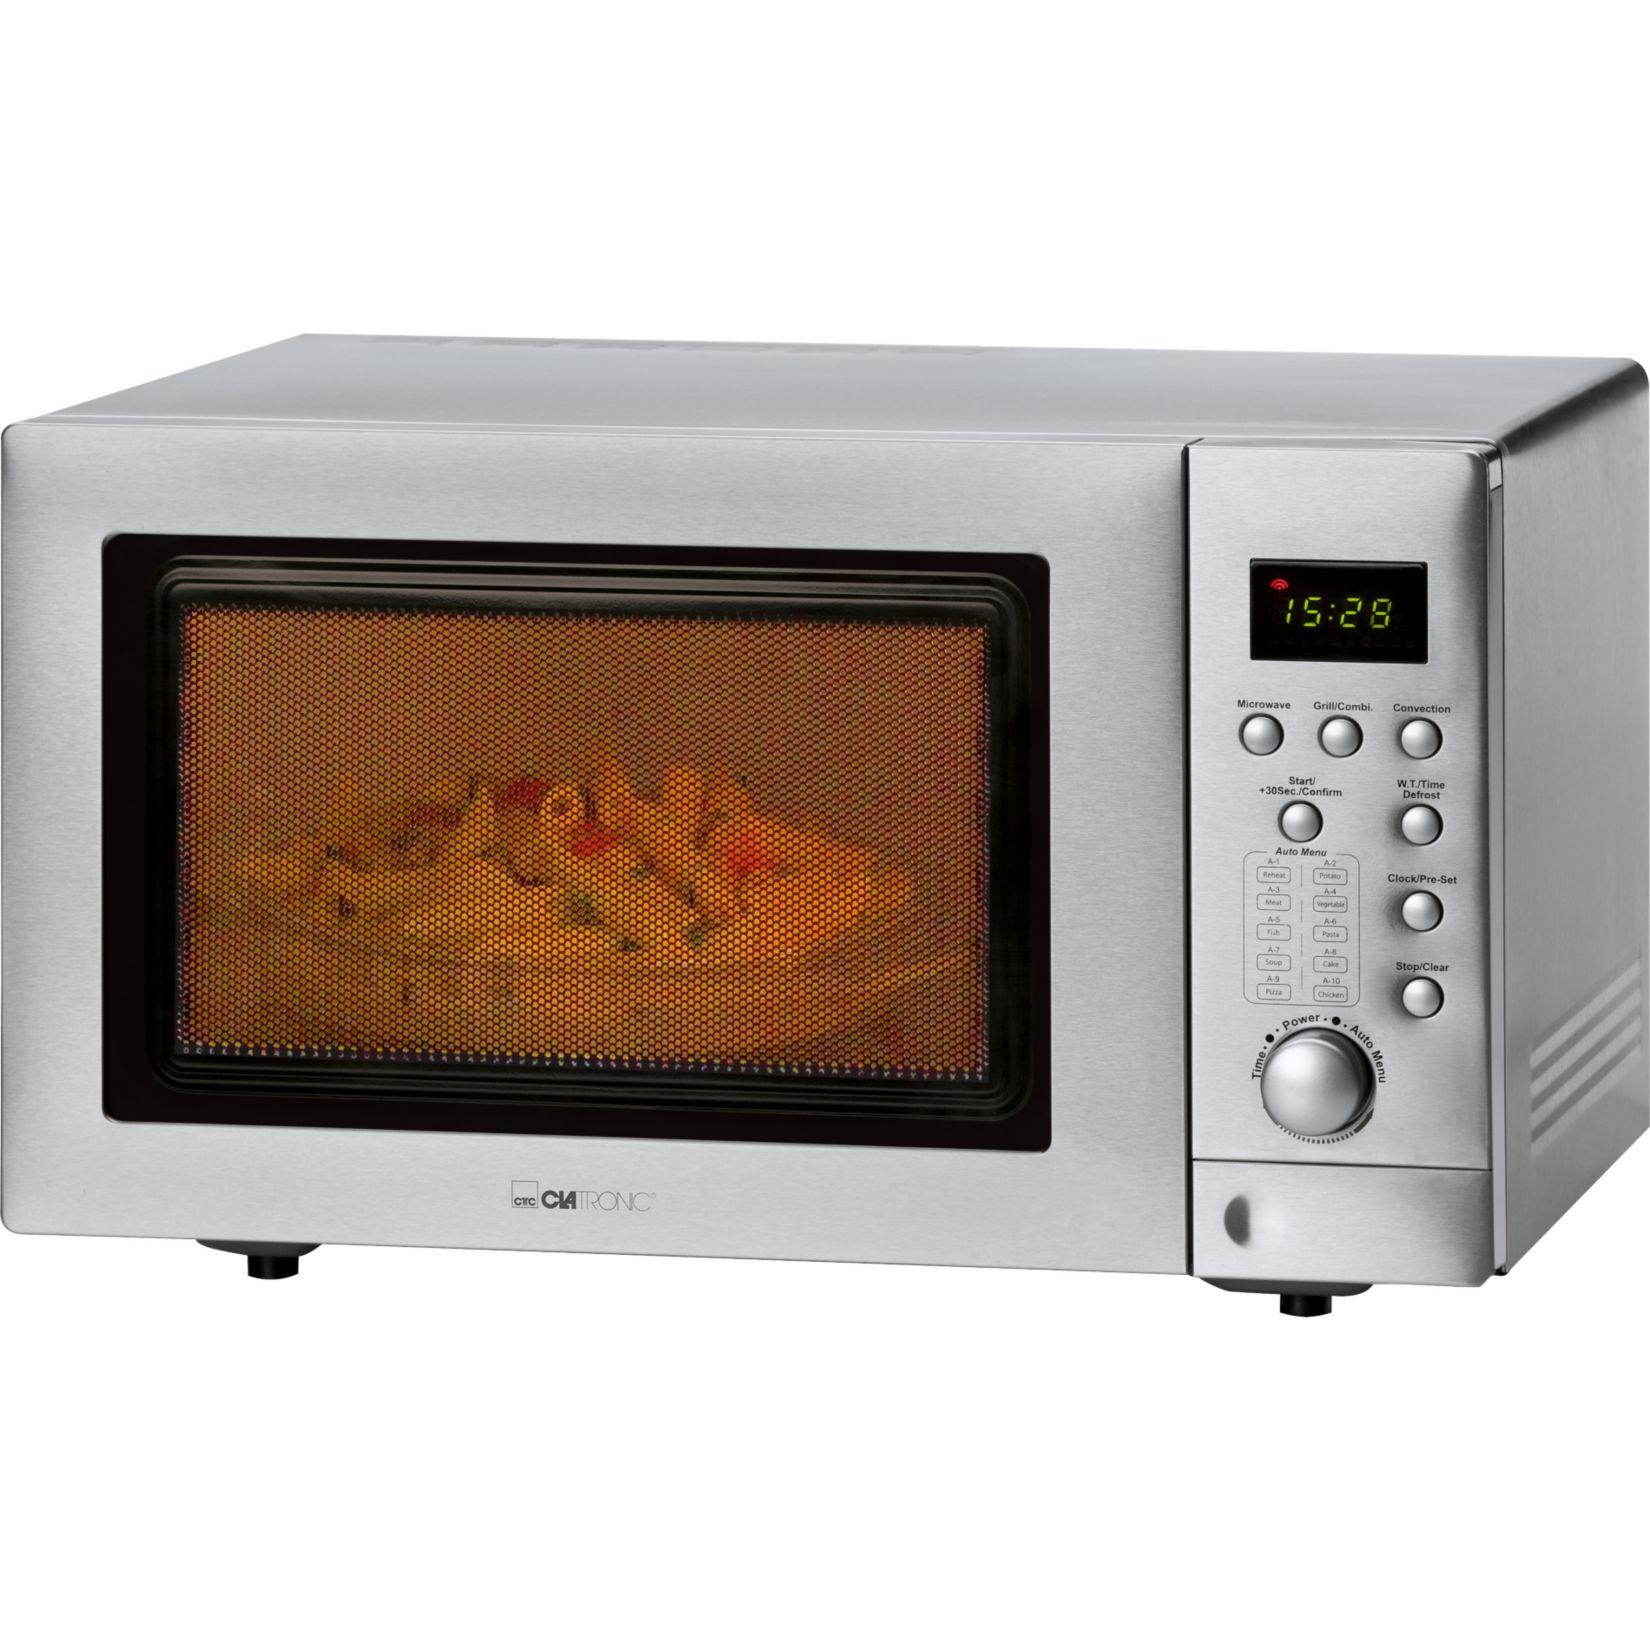 Clatronic MWG 779 H Mikrowelle mit Doppelgrill und Heißluft, inkl. Pizzastein mit Newsletter (Plus Online) für 119,99€